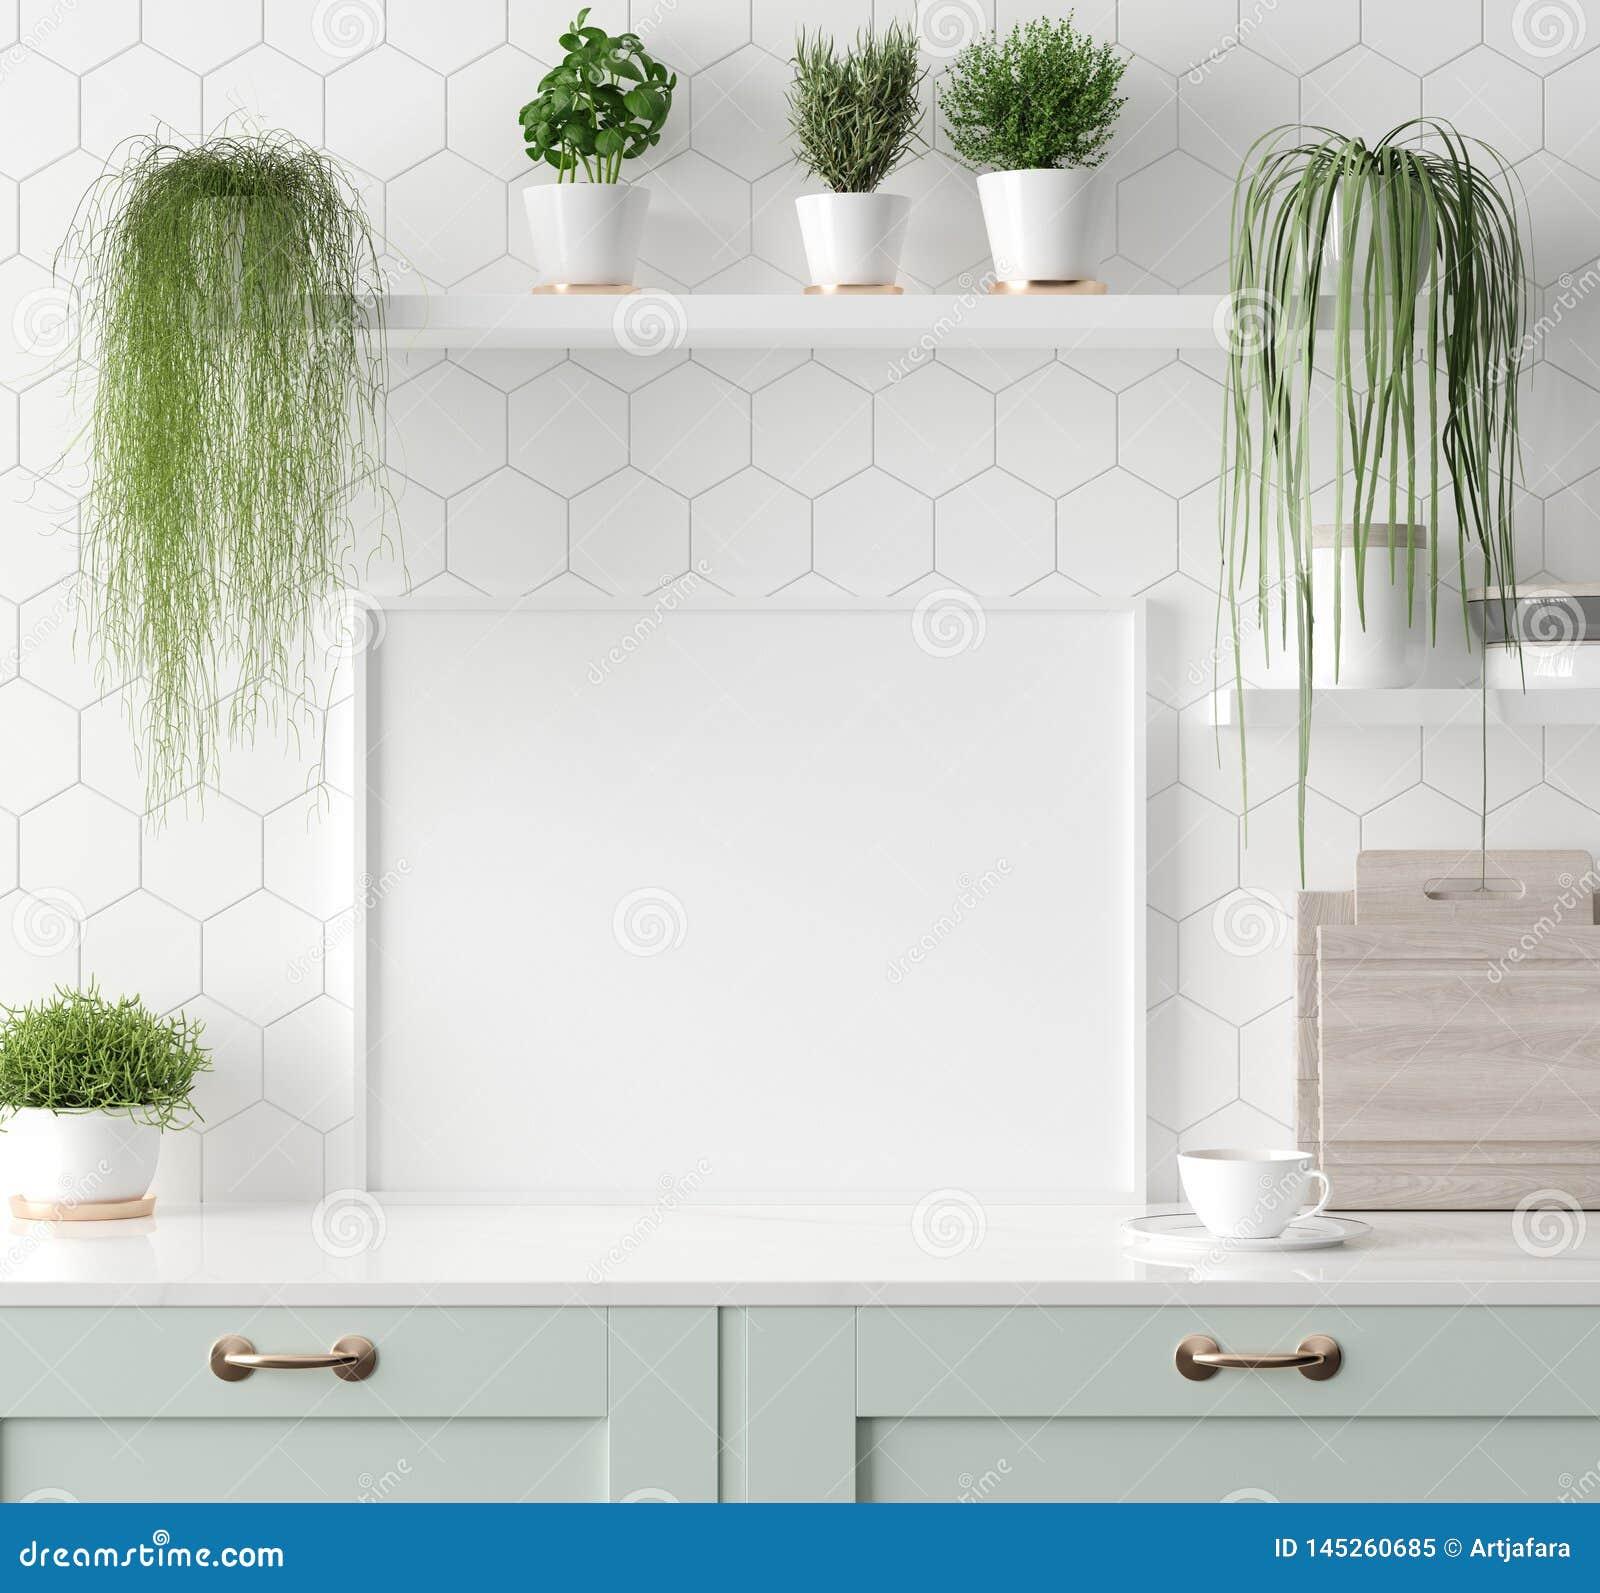 Imite encima del marco en la cocina interior, estilo escandinavo del cartel